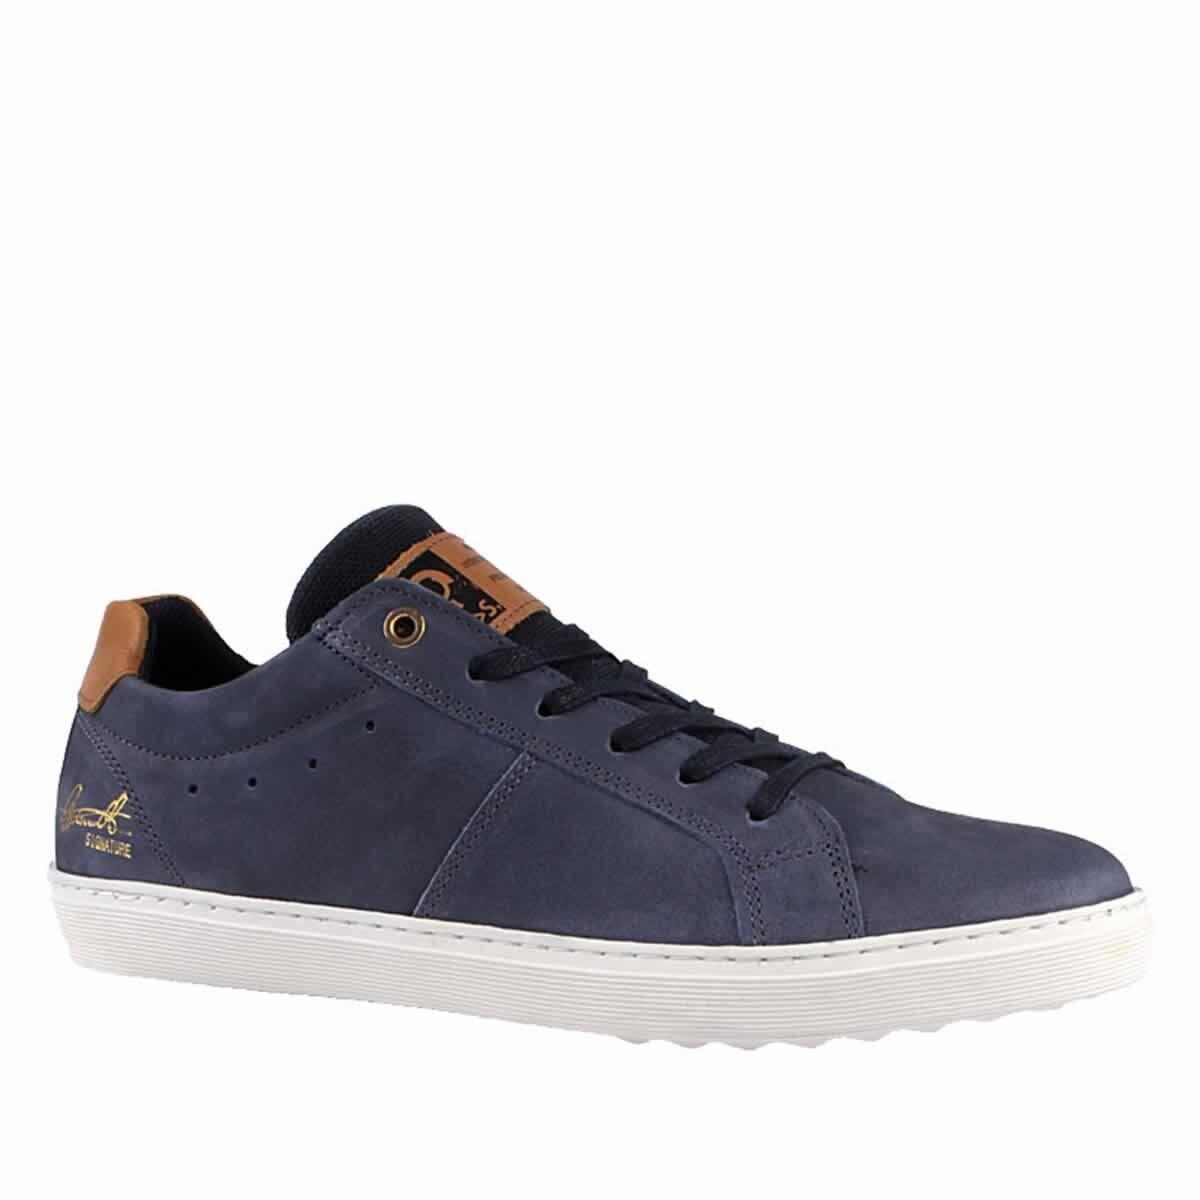 Lacivert Erkek Oxford Ayakkabı 2BLBM2016025